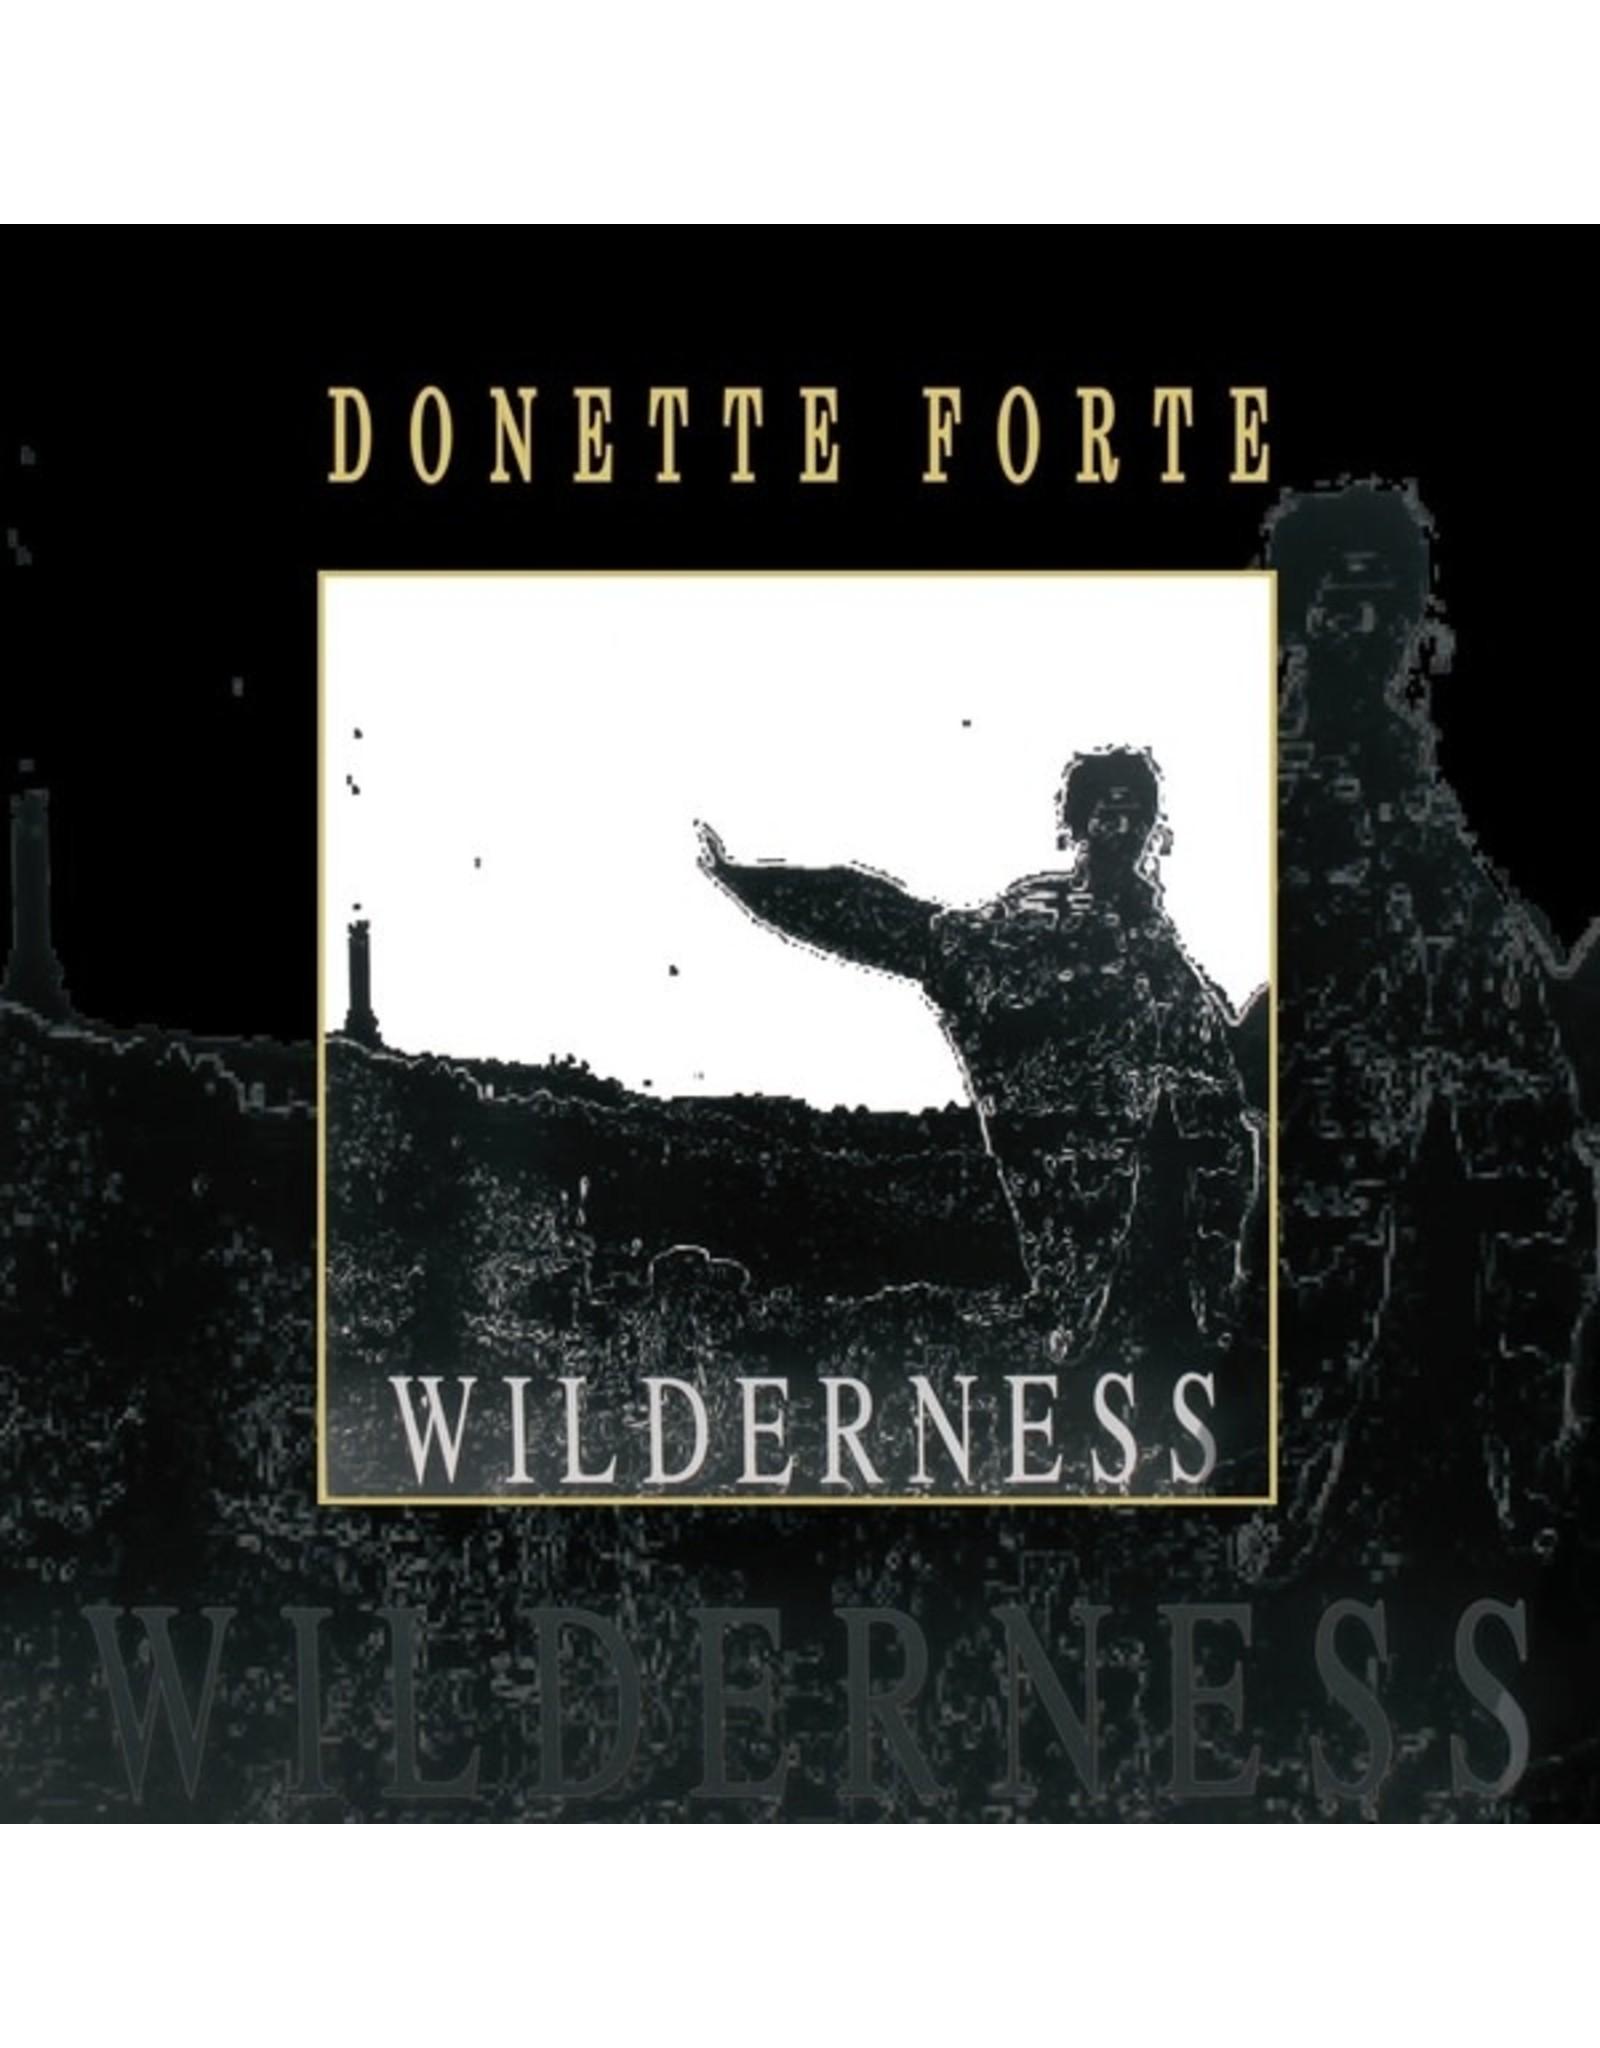 New Vinyl Donette Forte - Wilderness LP